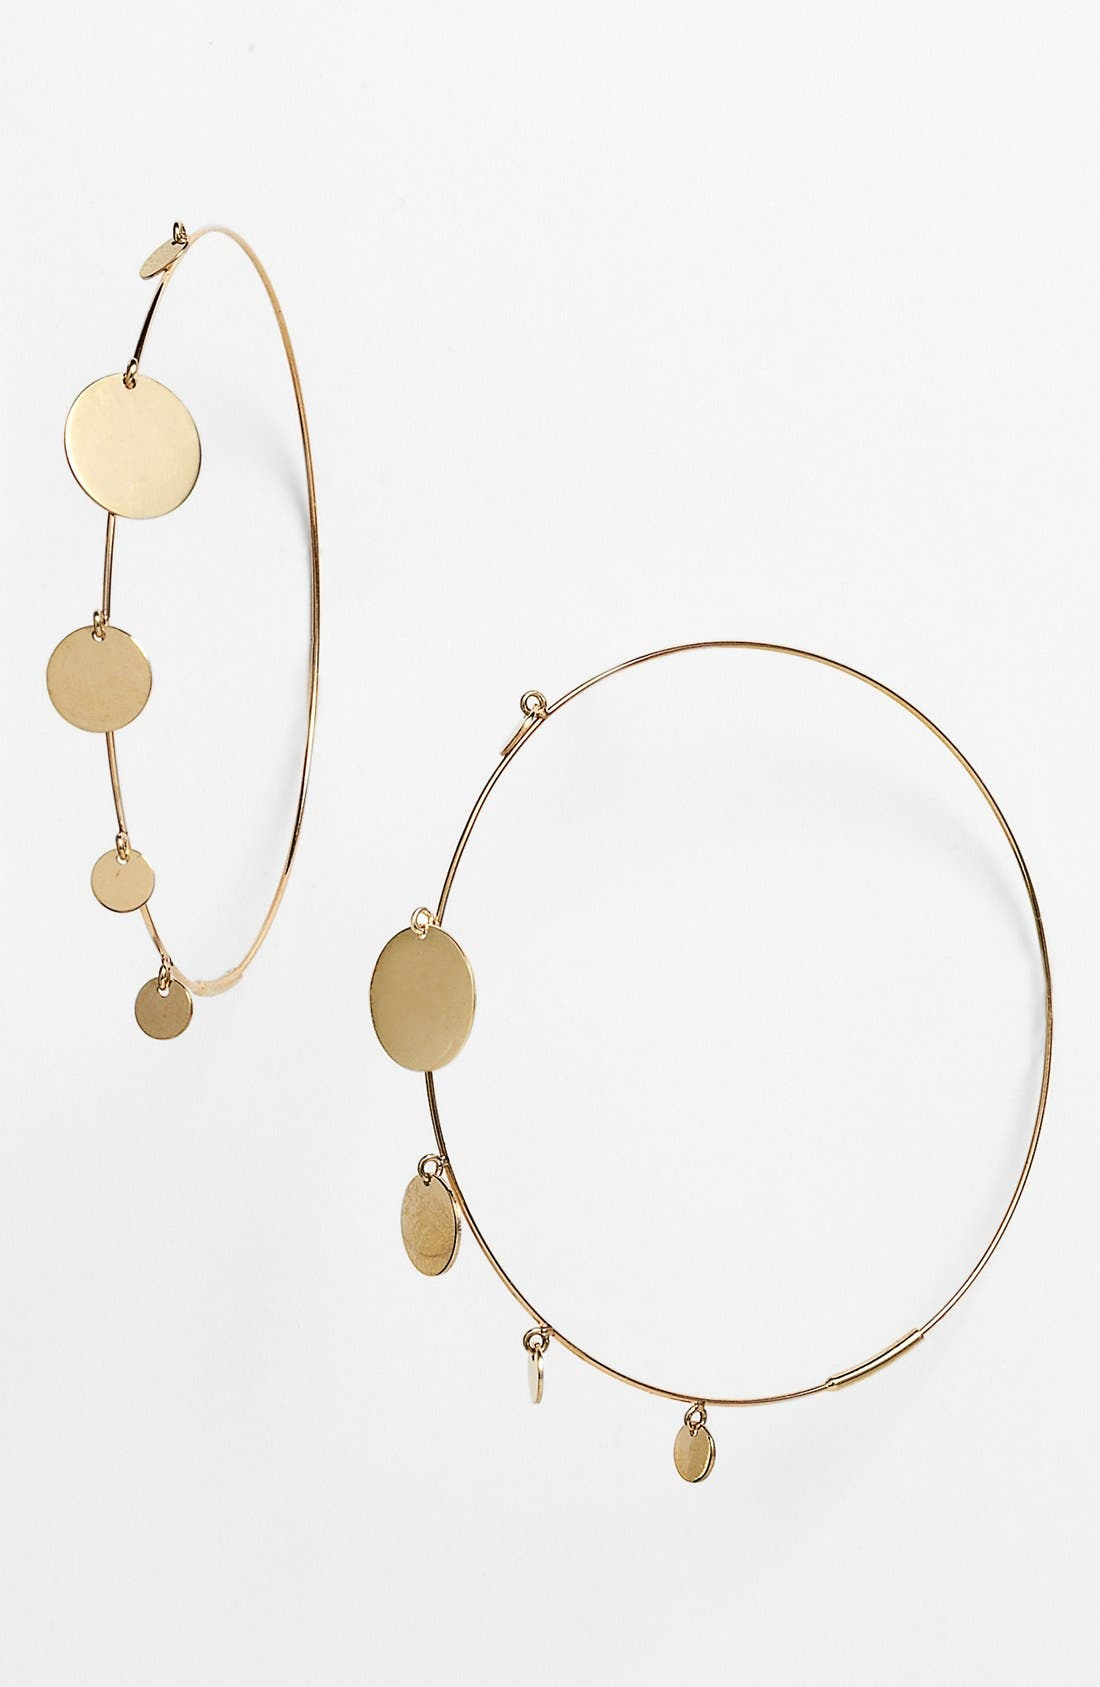 Main Image - Lana Jewelry 'Gypsy' Hoop Earrings